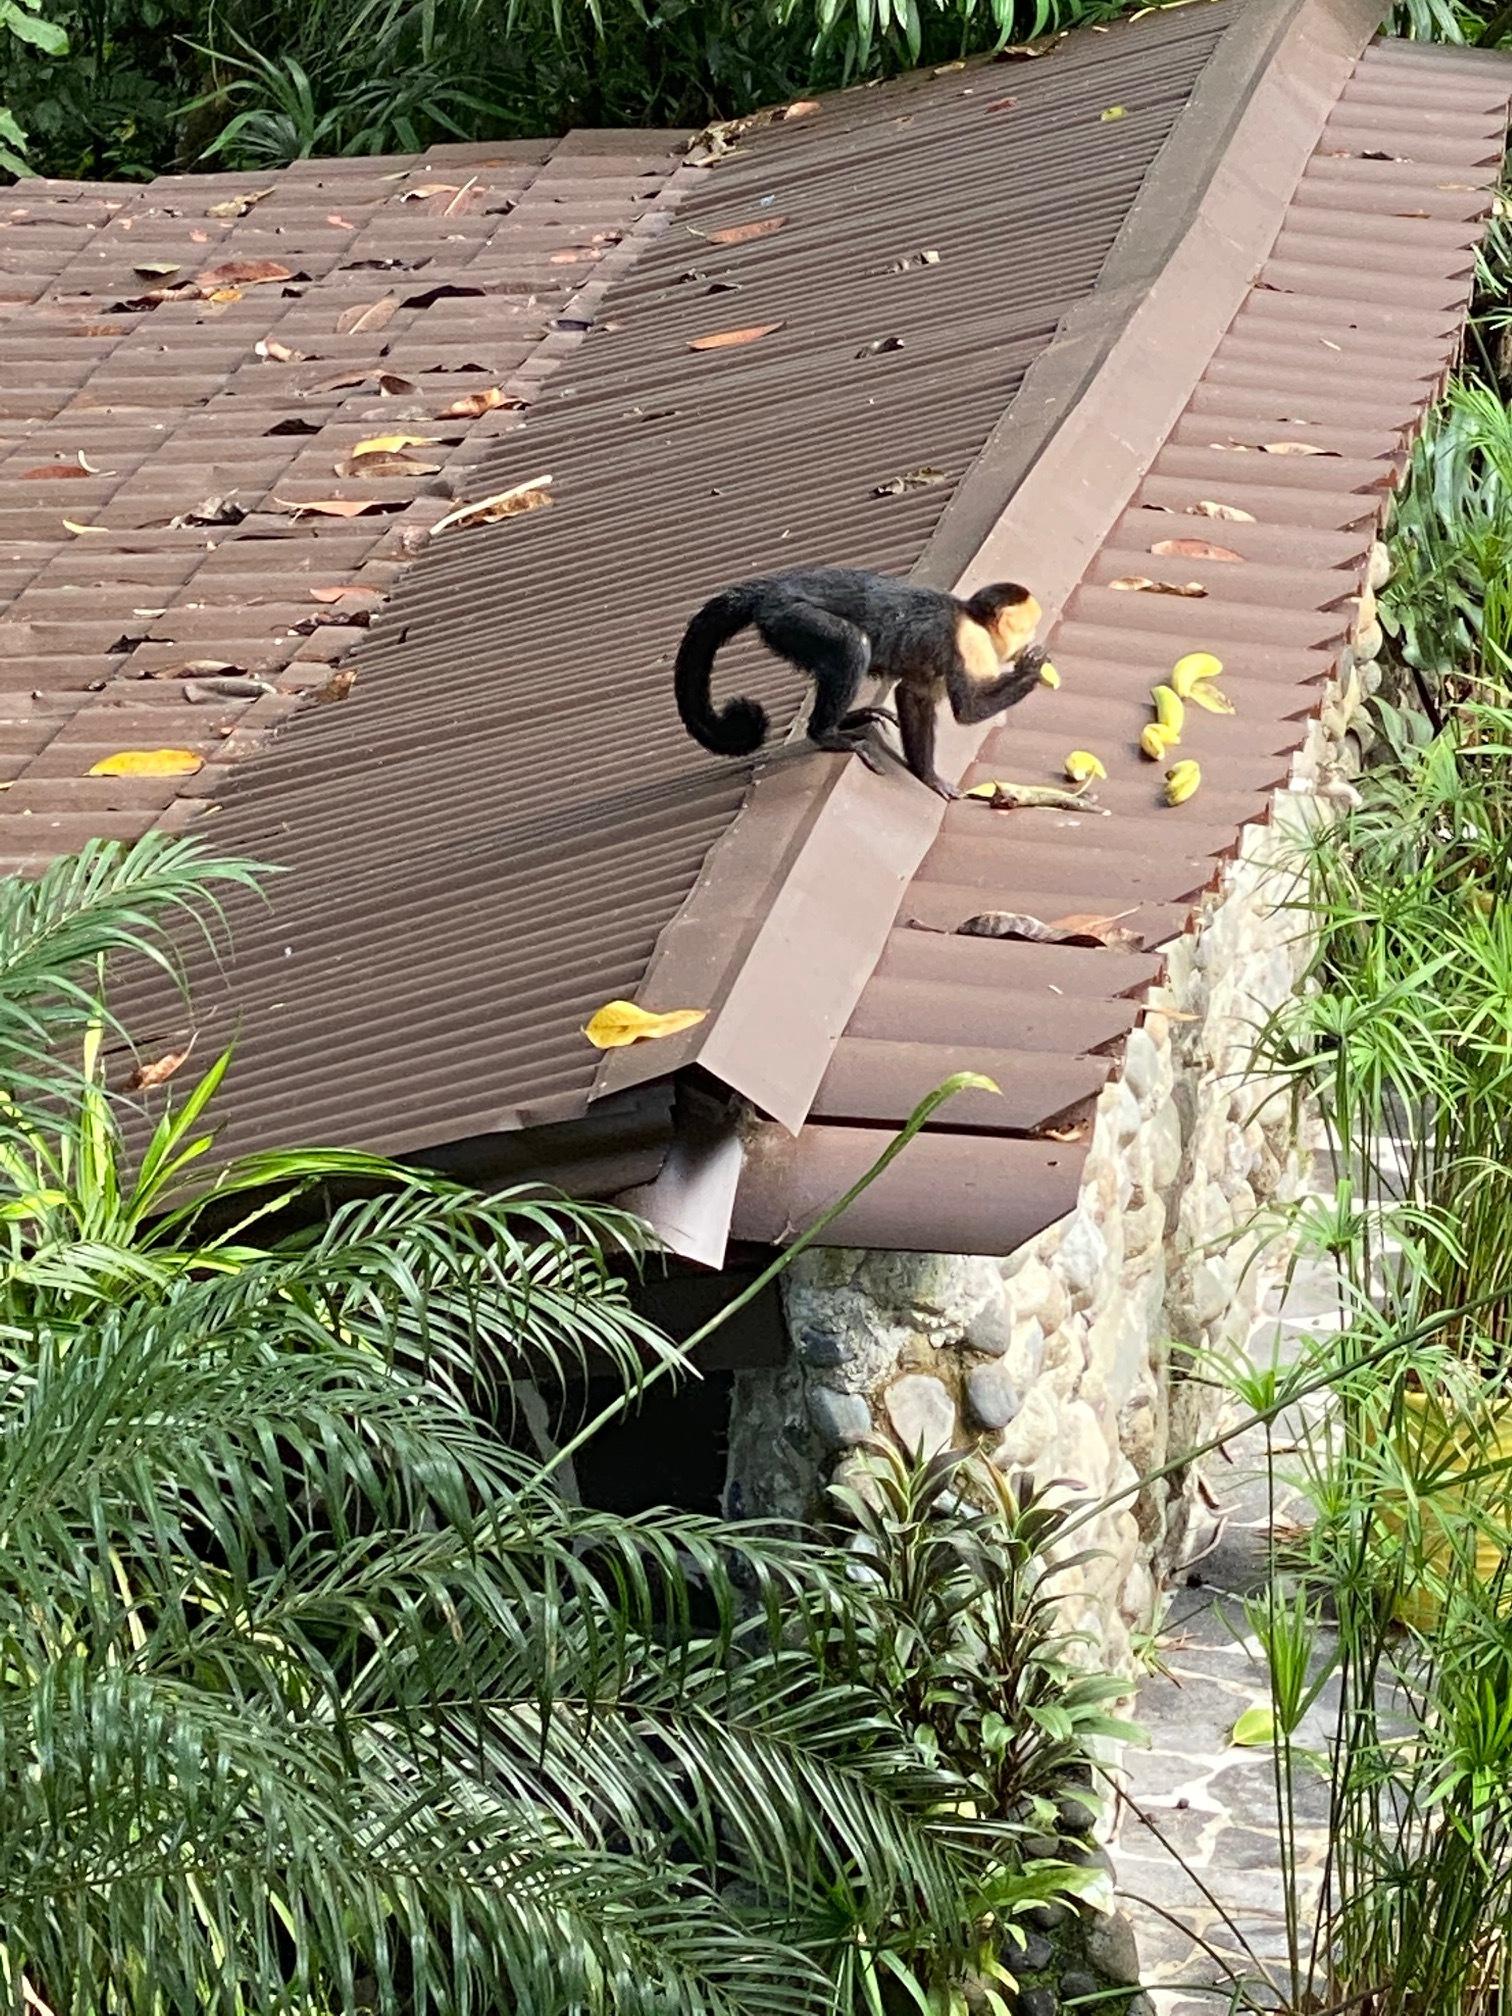 Monkey pic 2